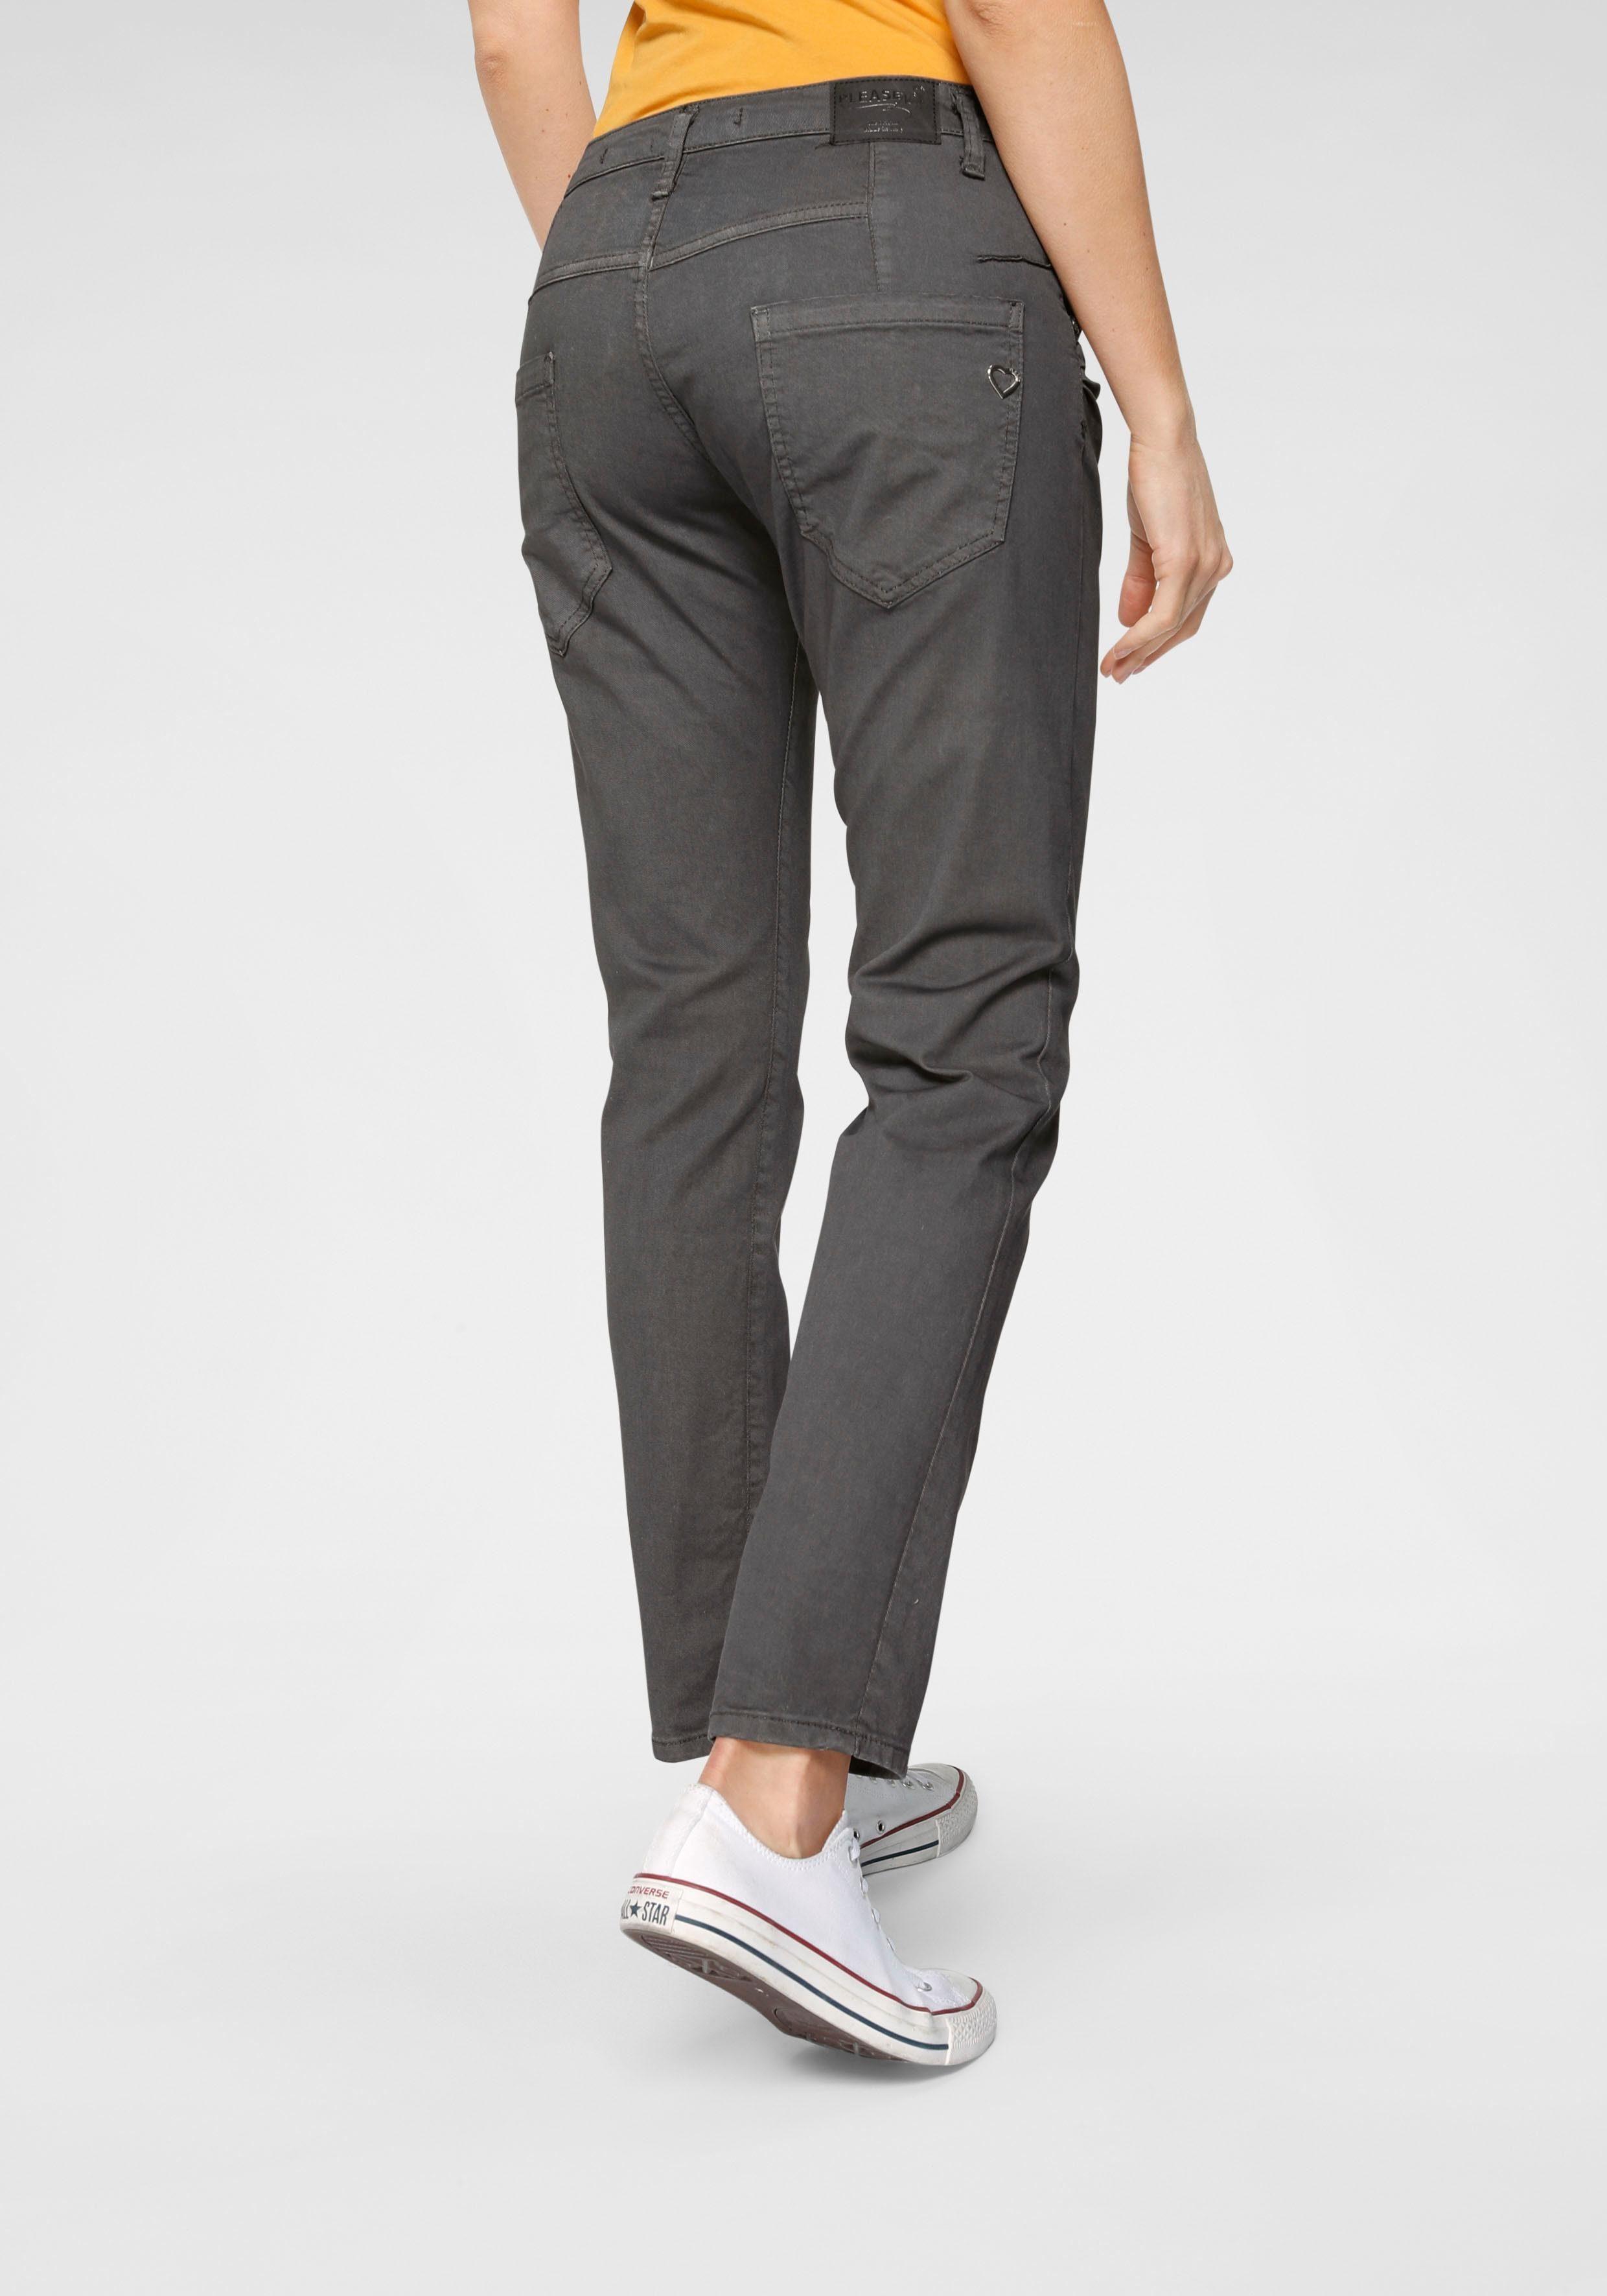 Please Jeans Boyfriend Jeans »P85A« lässige Jeans Hose mit Crinkle Effekt und krempelbarem Bein online kaufen | OTTO